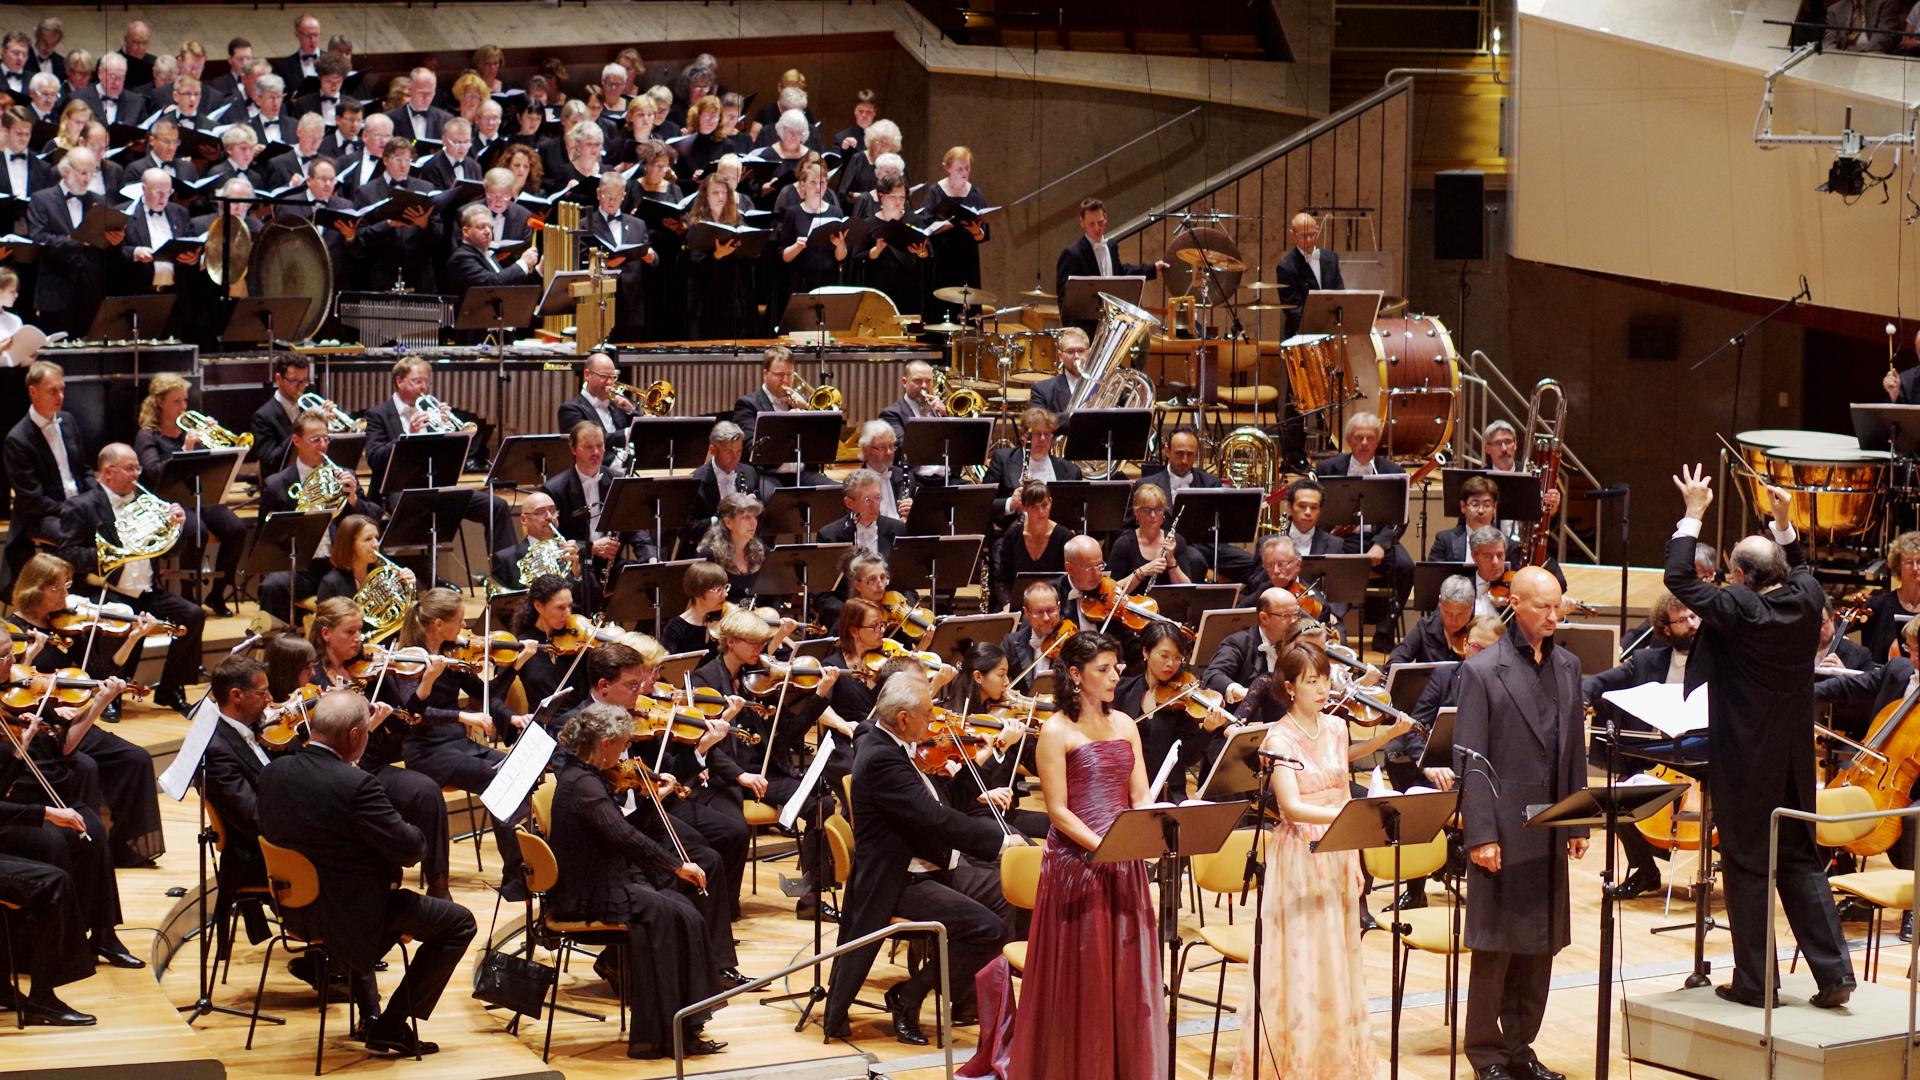 Uraufführung in der Berliner Philharmonie: Das Luther-Oratorium des Komponisten Daniel Pacitti mit Texten des Theologen Christian Meißner